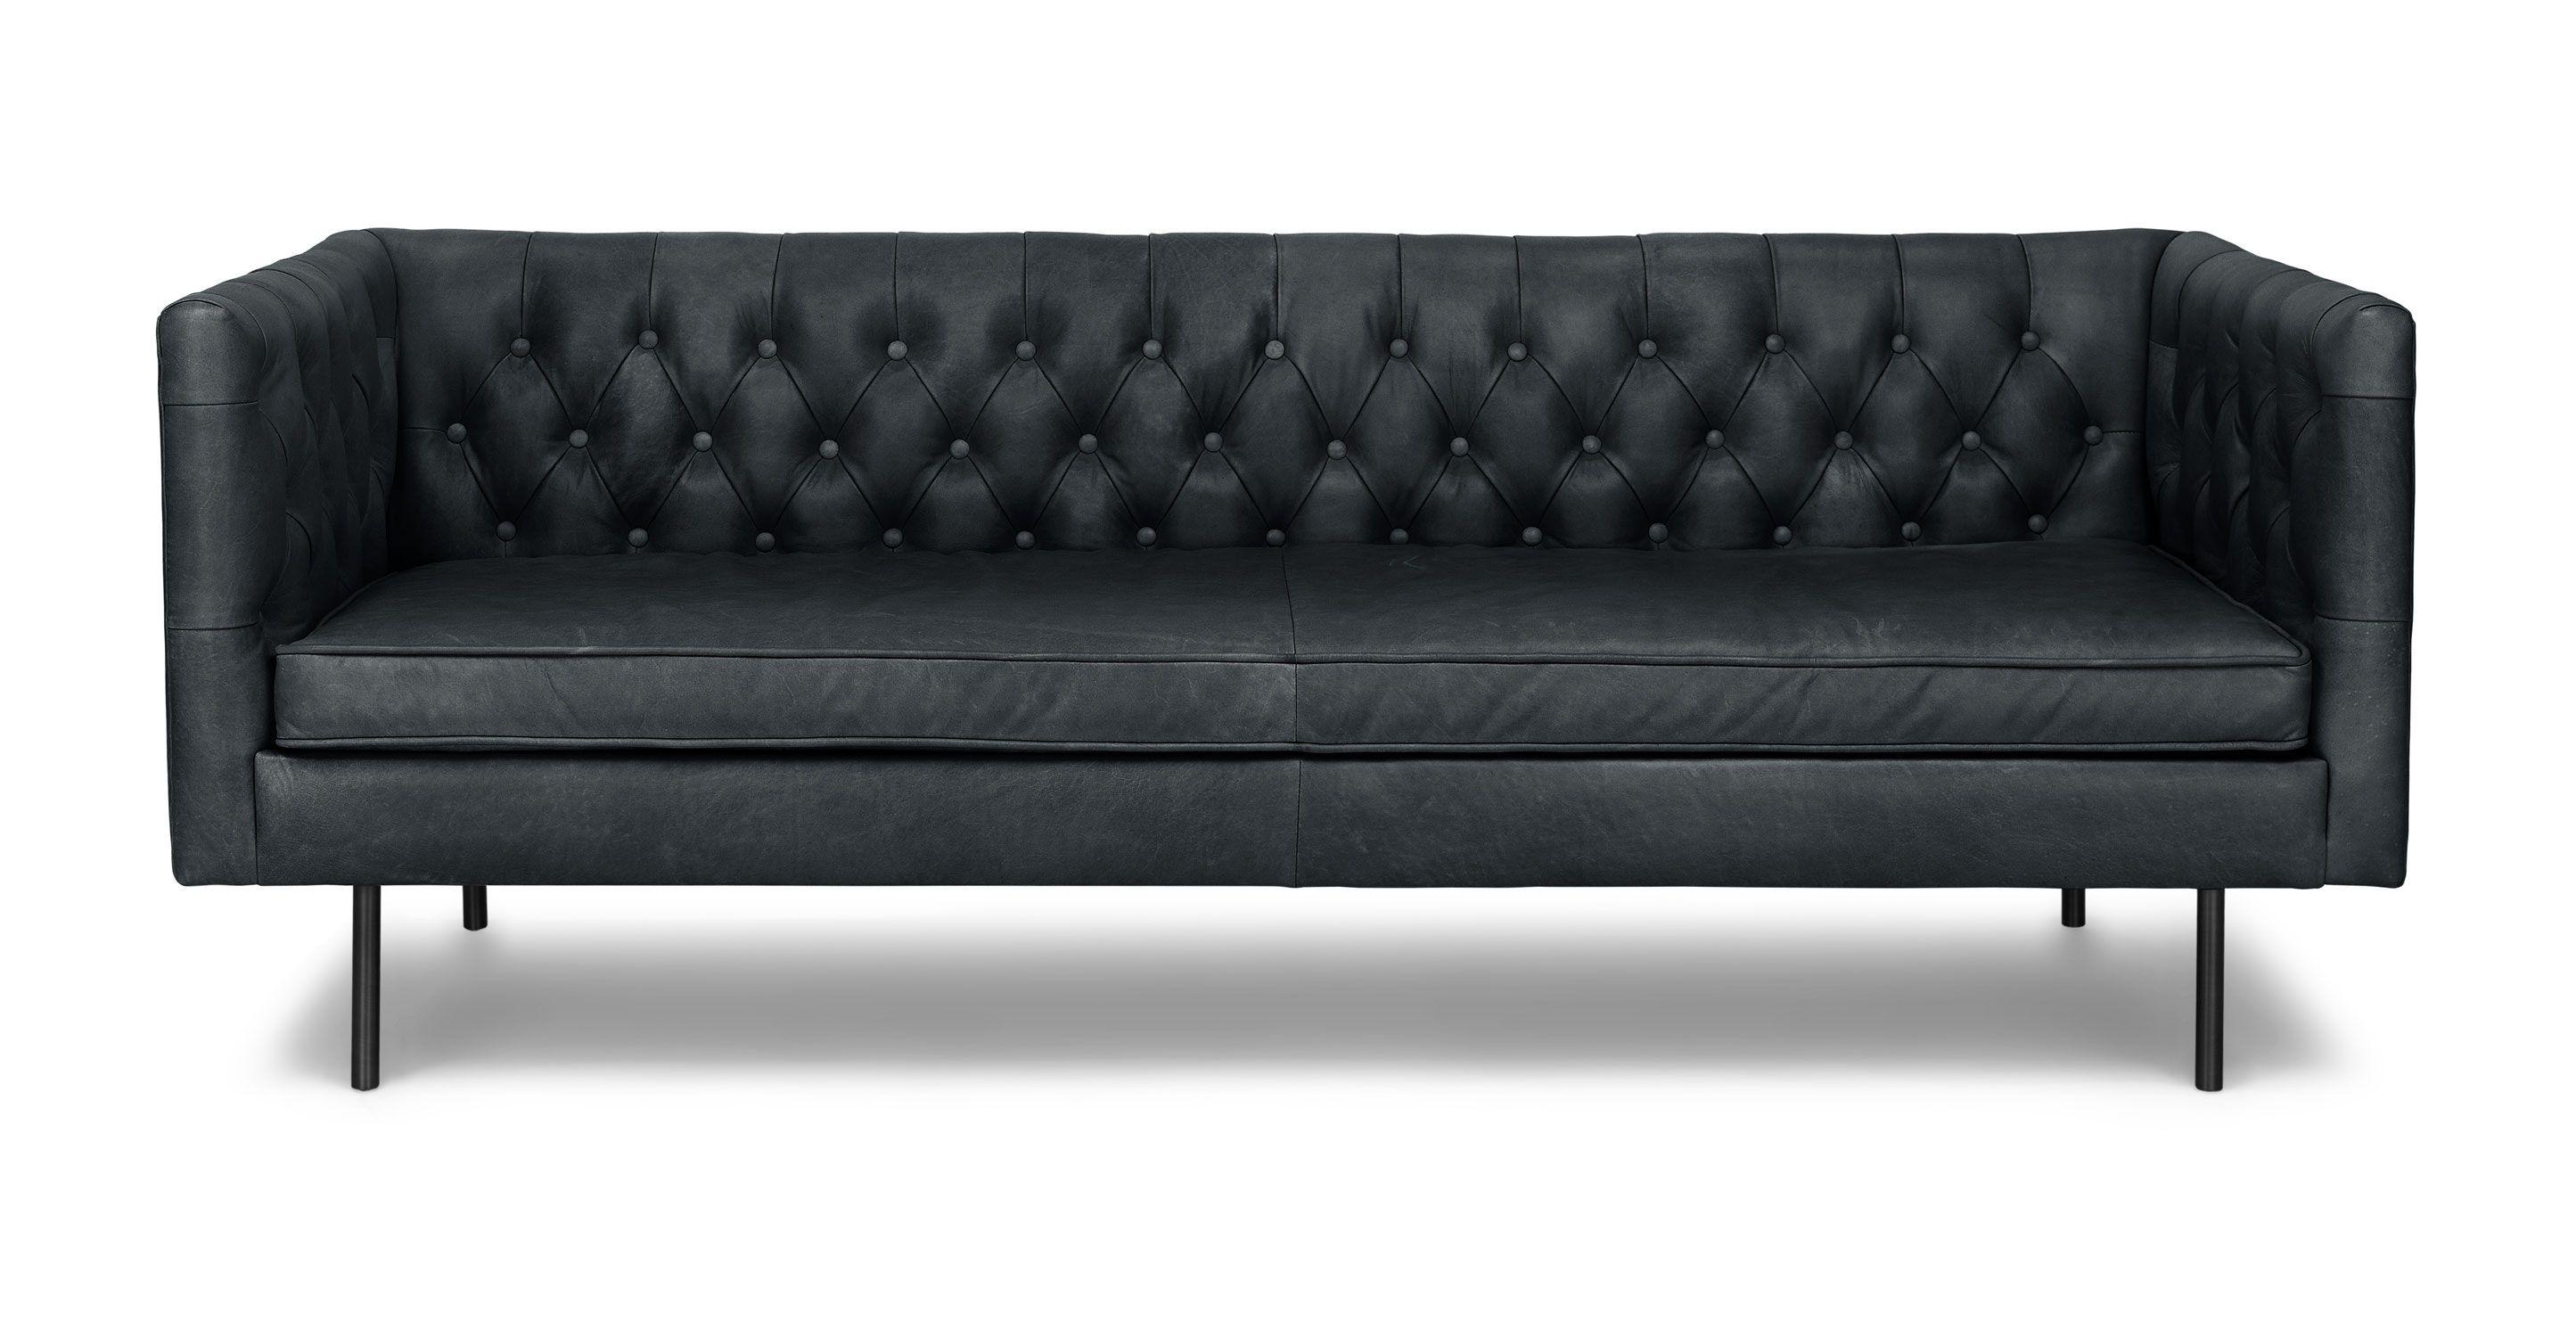 Black Leather Tufted Sofa Metal Legs